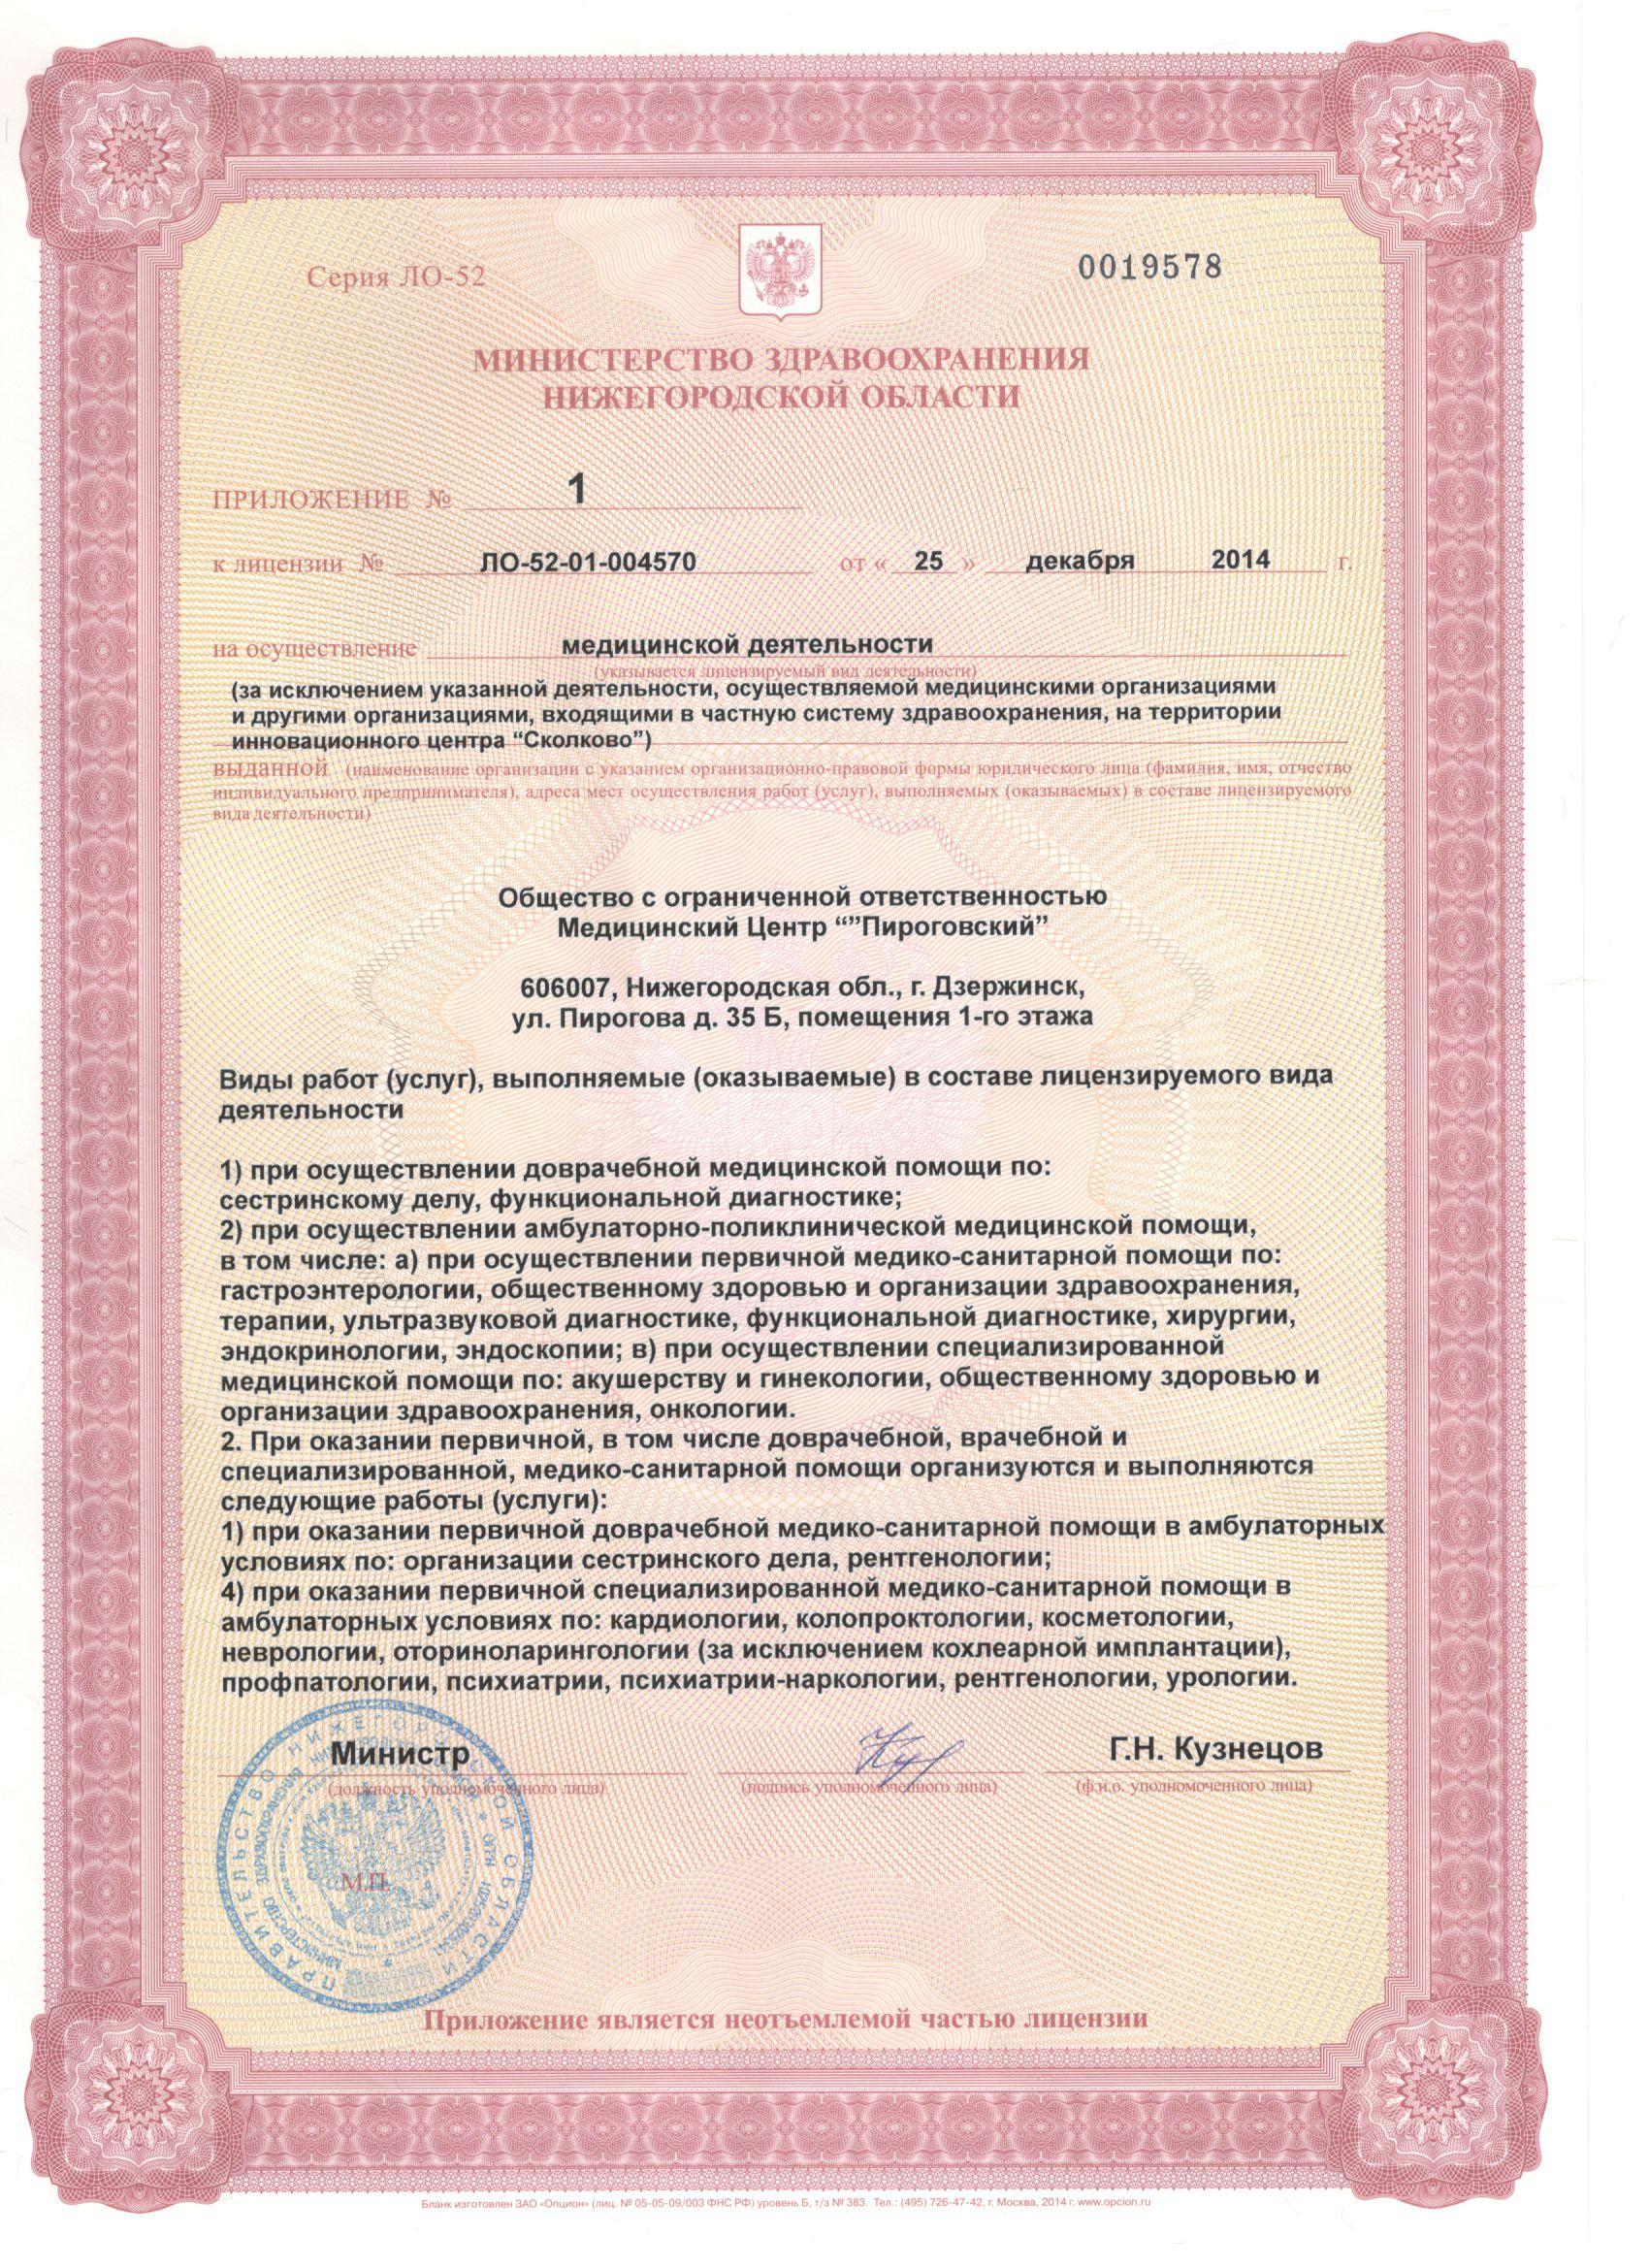 Мед справка водительская зао Москва Нижегородский